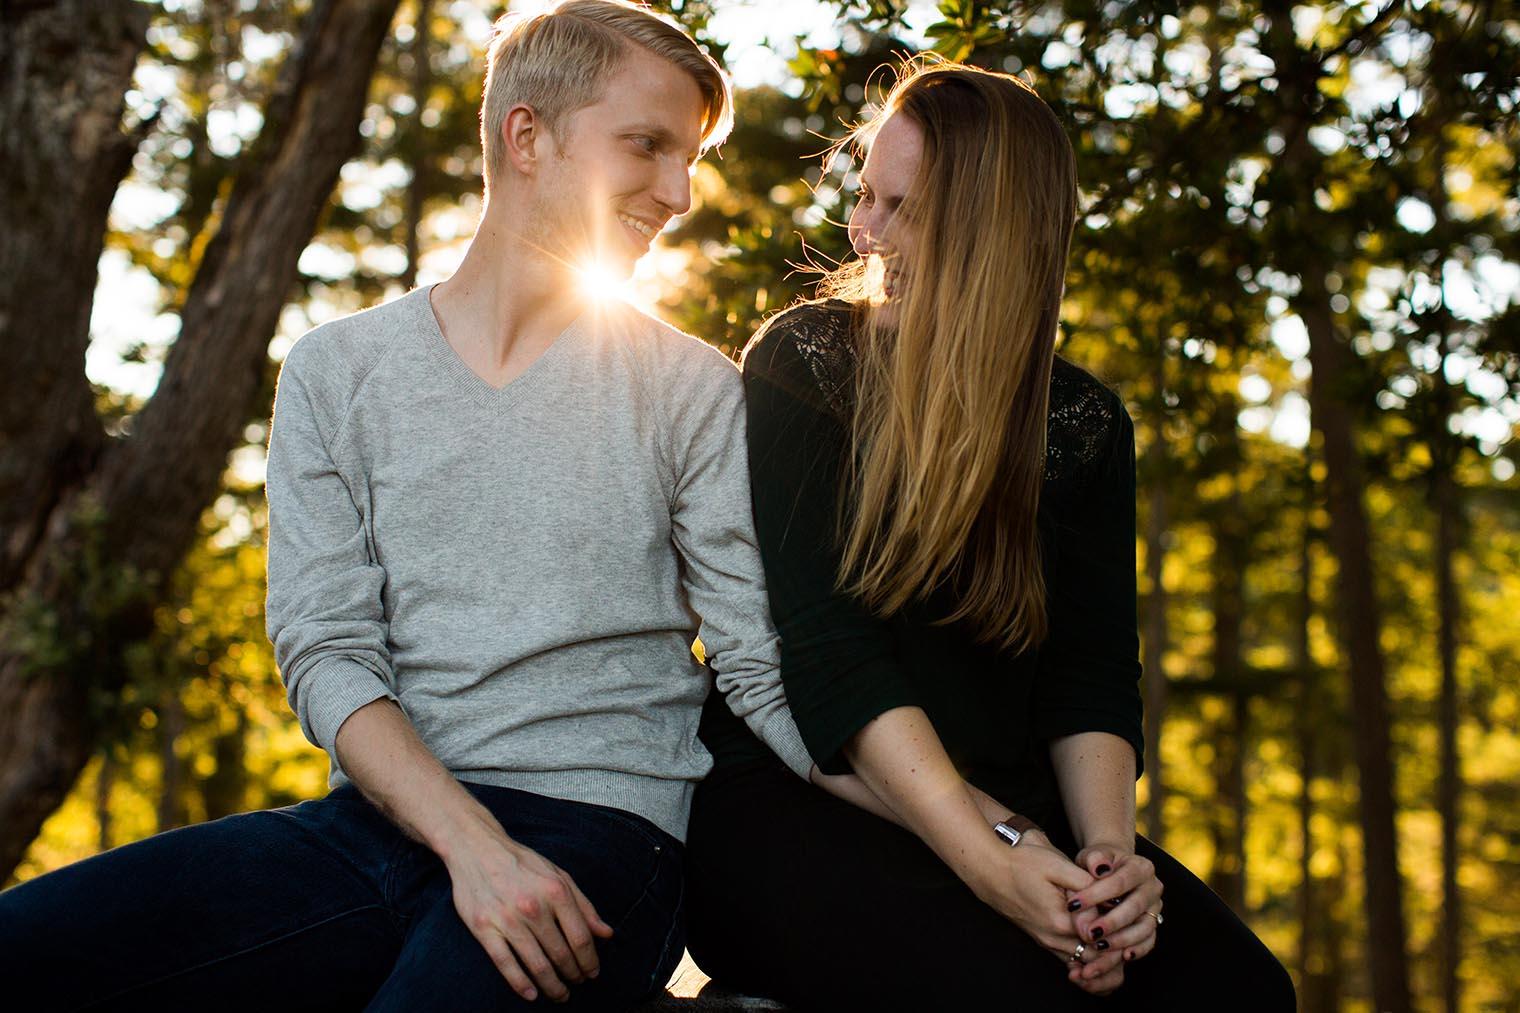 Sunset engagement photos at Mount Tamalpais State Park